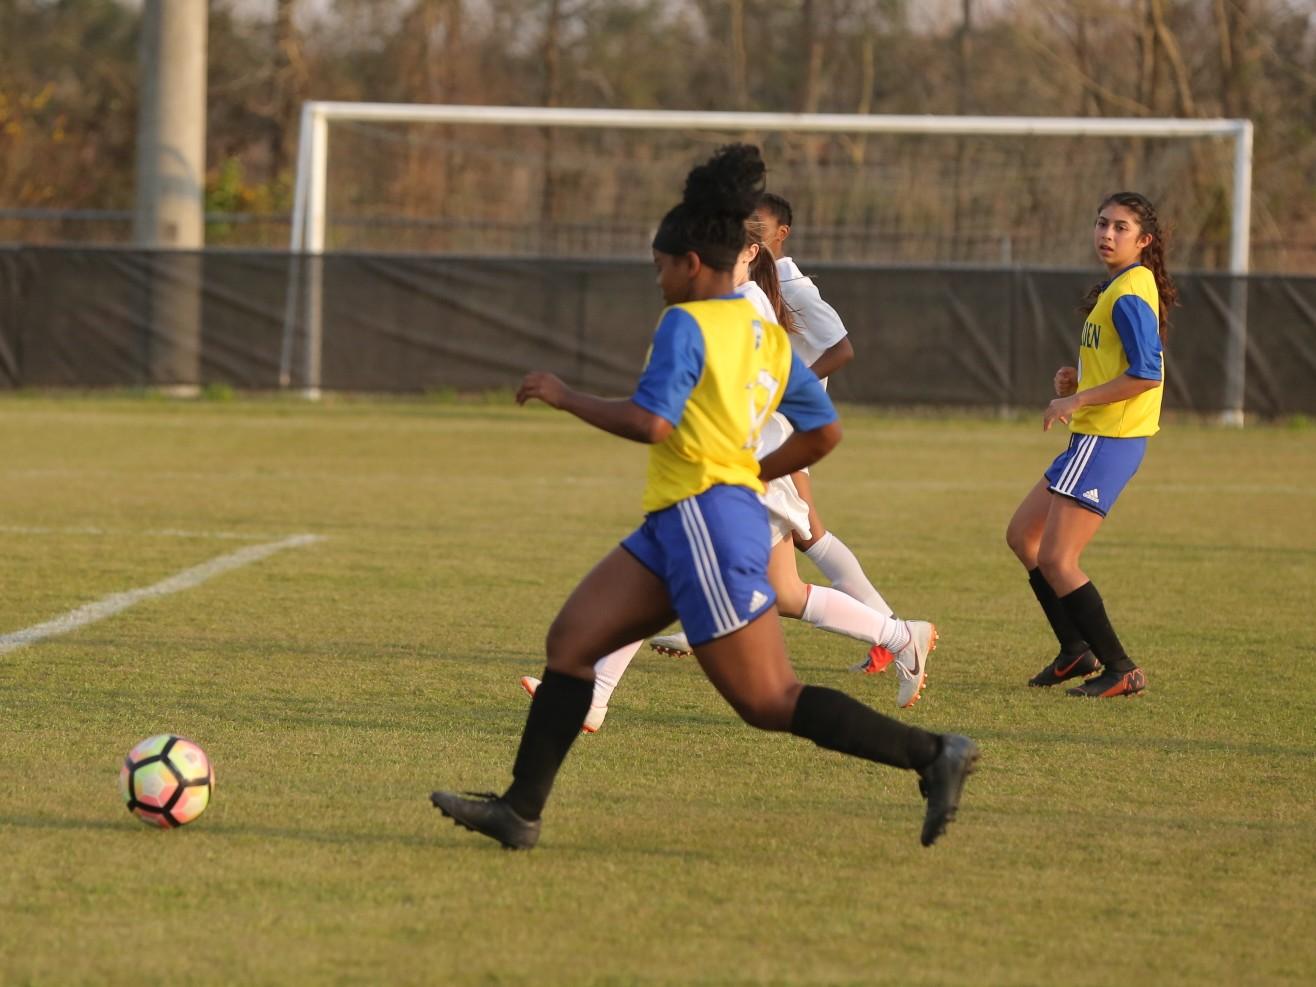 East Columbus vs East Bladen girls soccer 15